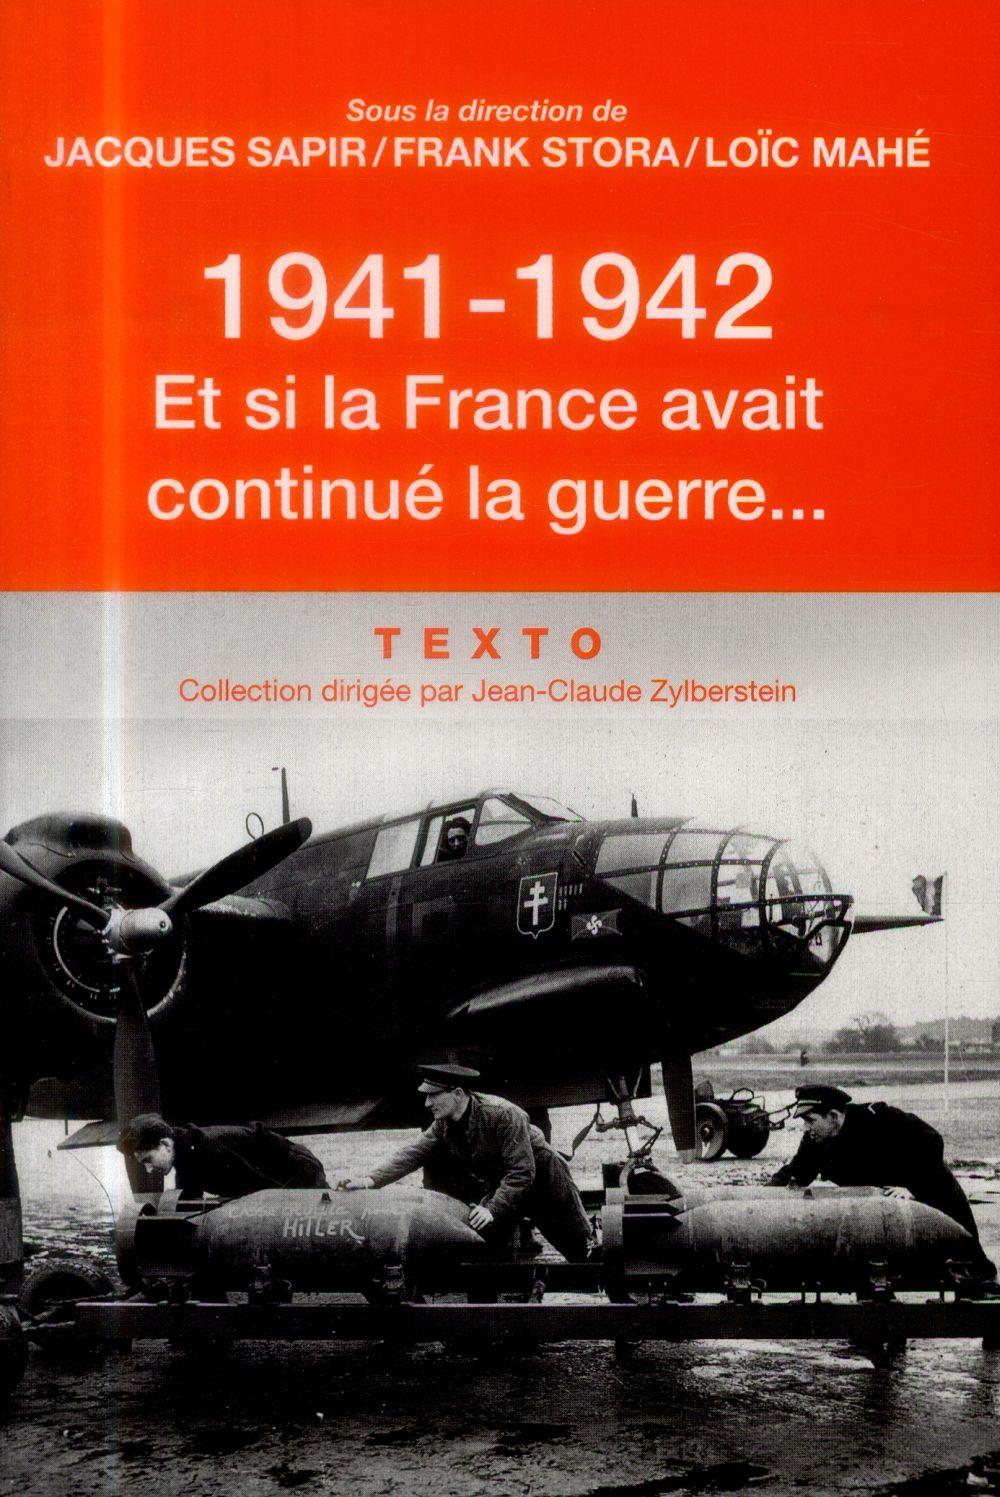 1941-1942 ; et si la France avait continué la guerre...